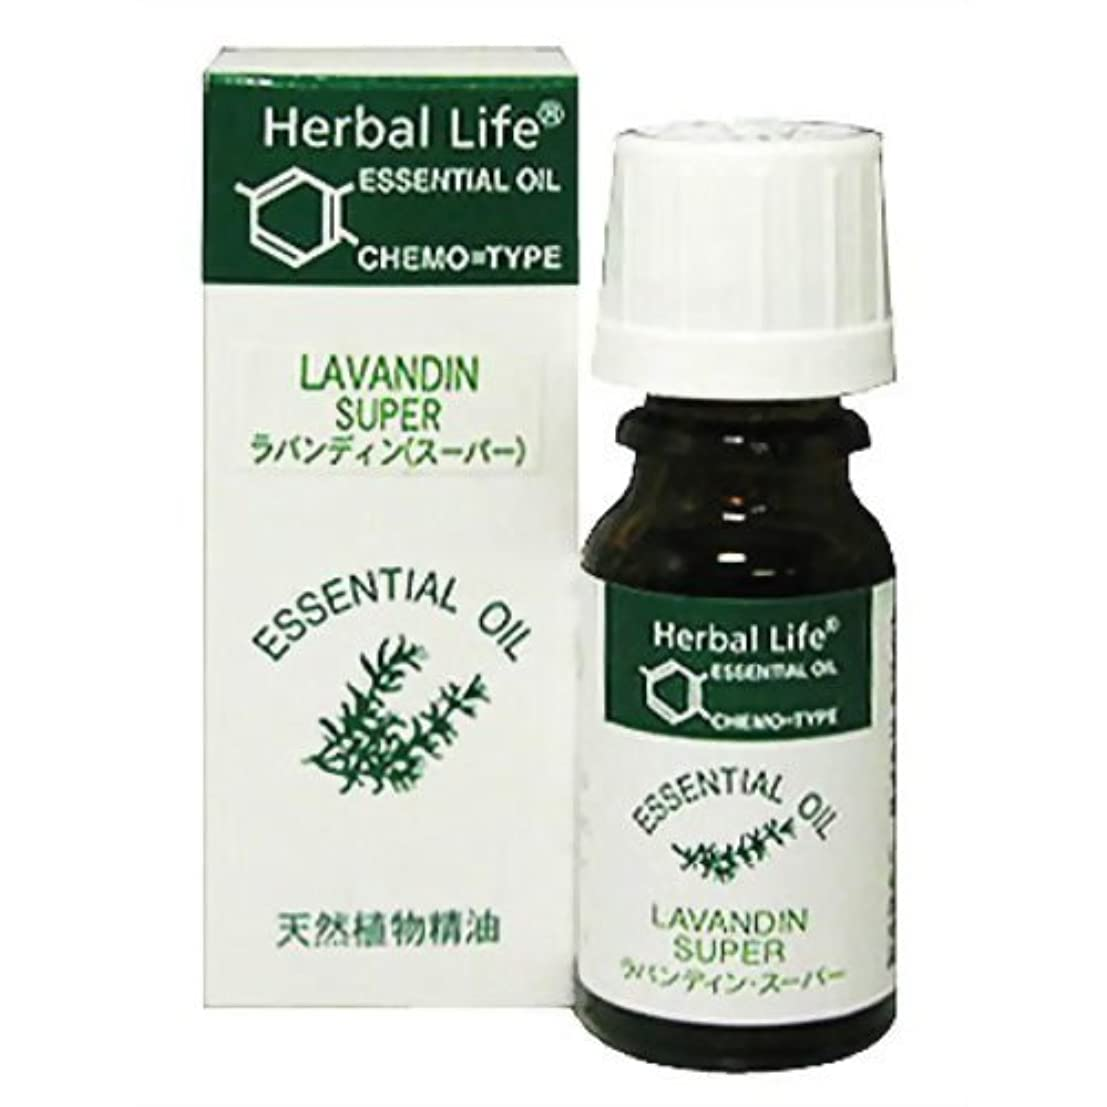 阻害する誘導偽善Herbal Life ラバンディン?スーパー 10ml